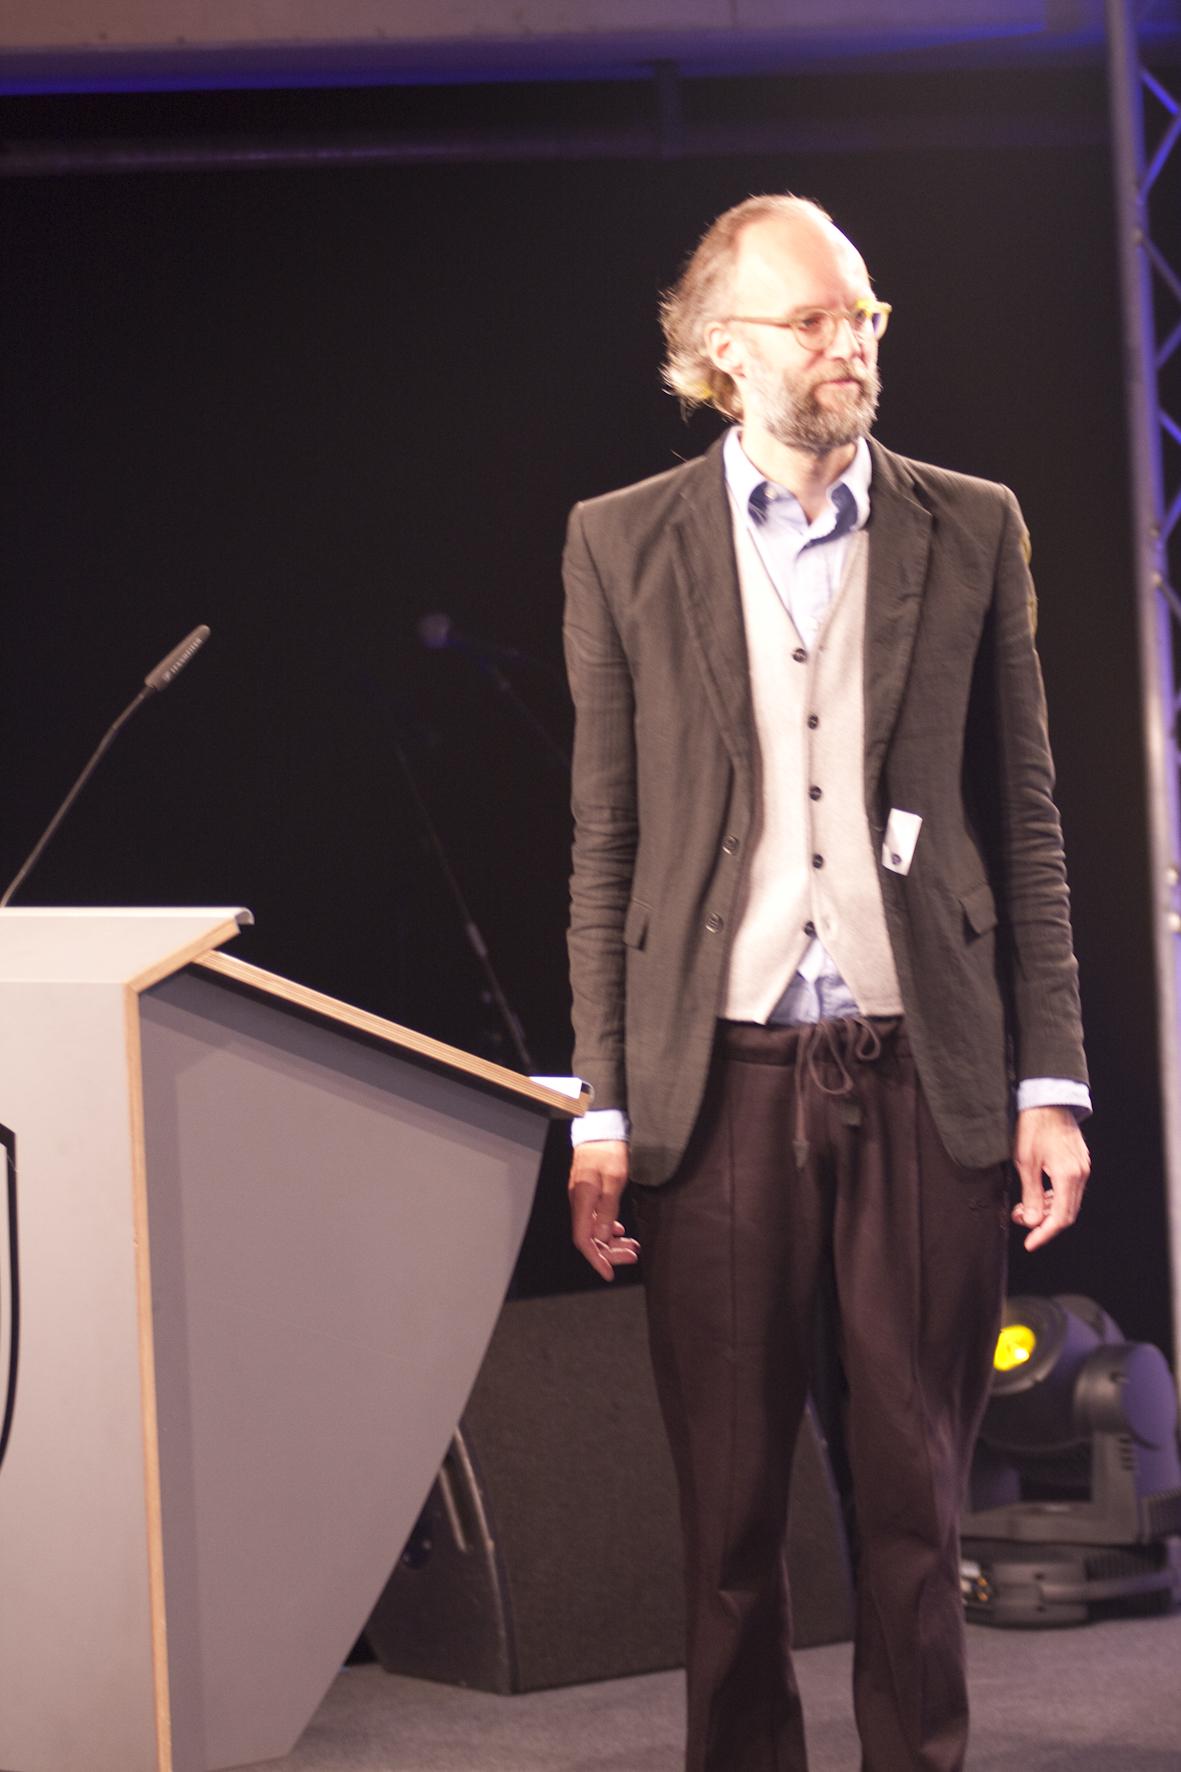 ME-Modeautor, Stil-Kontrolleur und Jurymitglied Jan Joswig hielt die Laudatio für Vans.